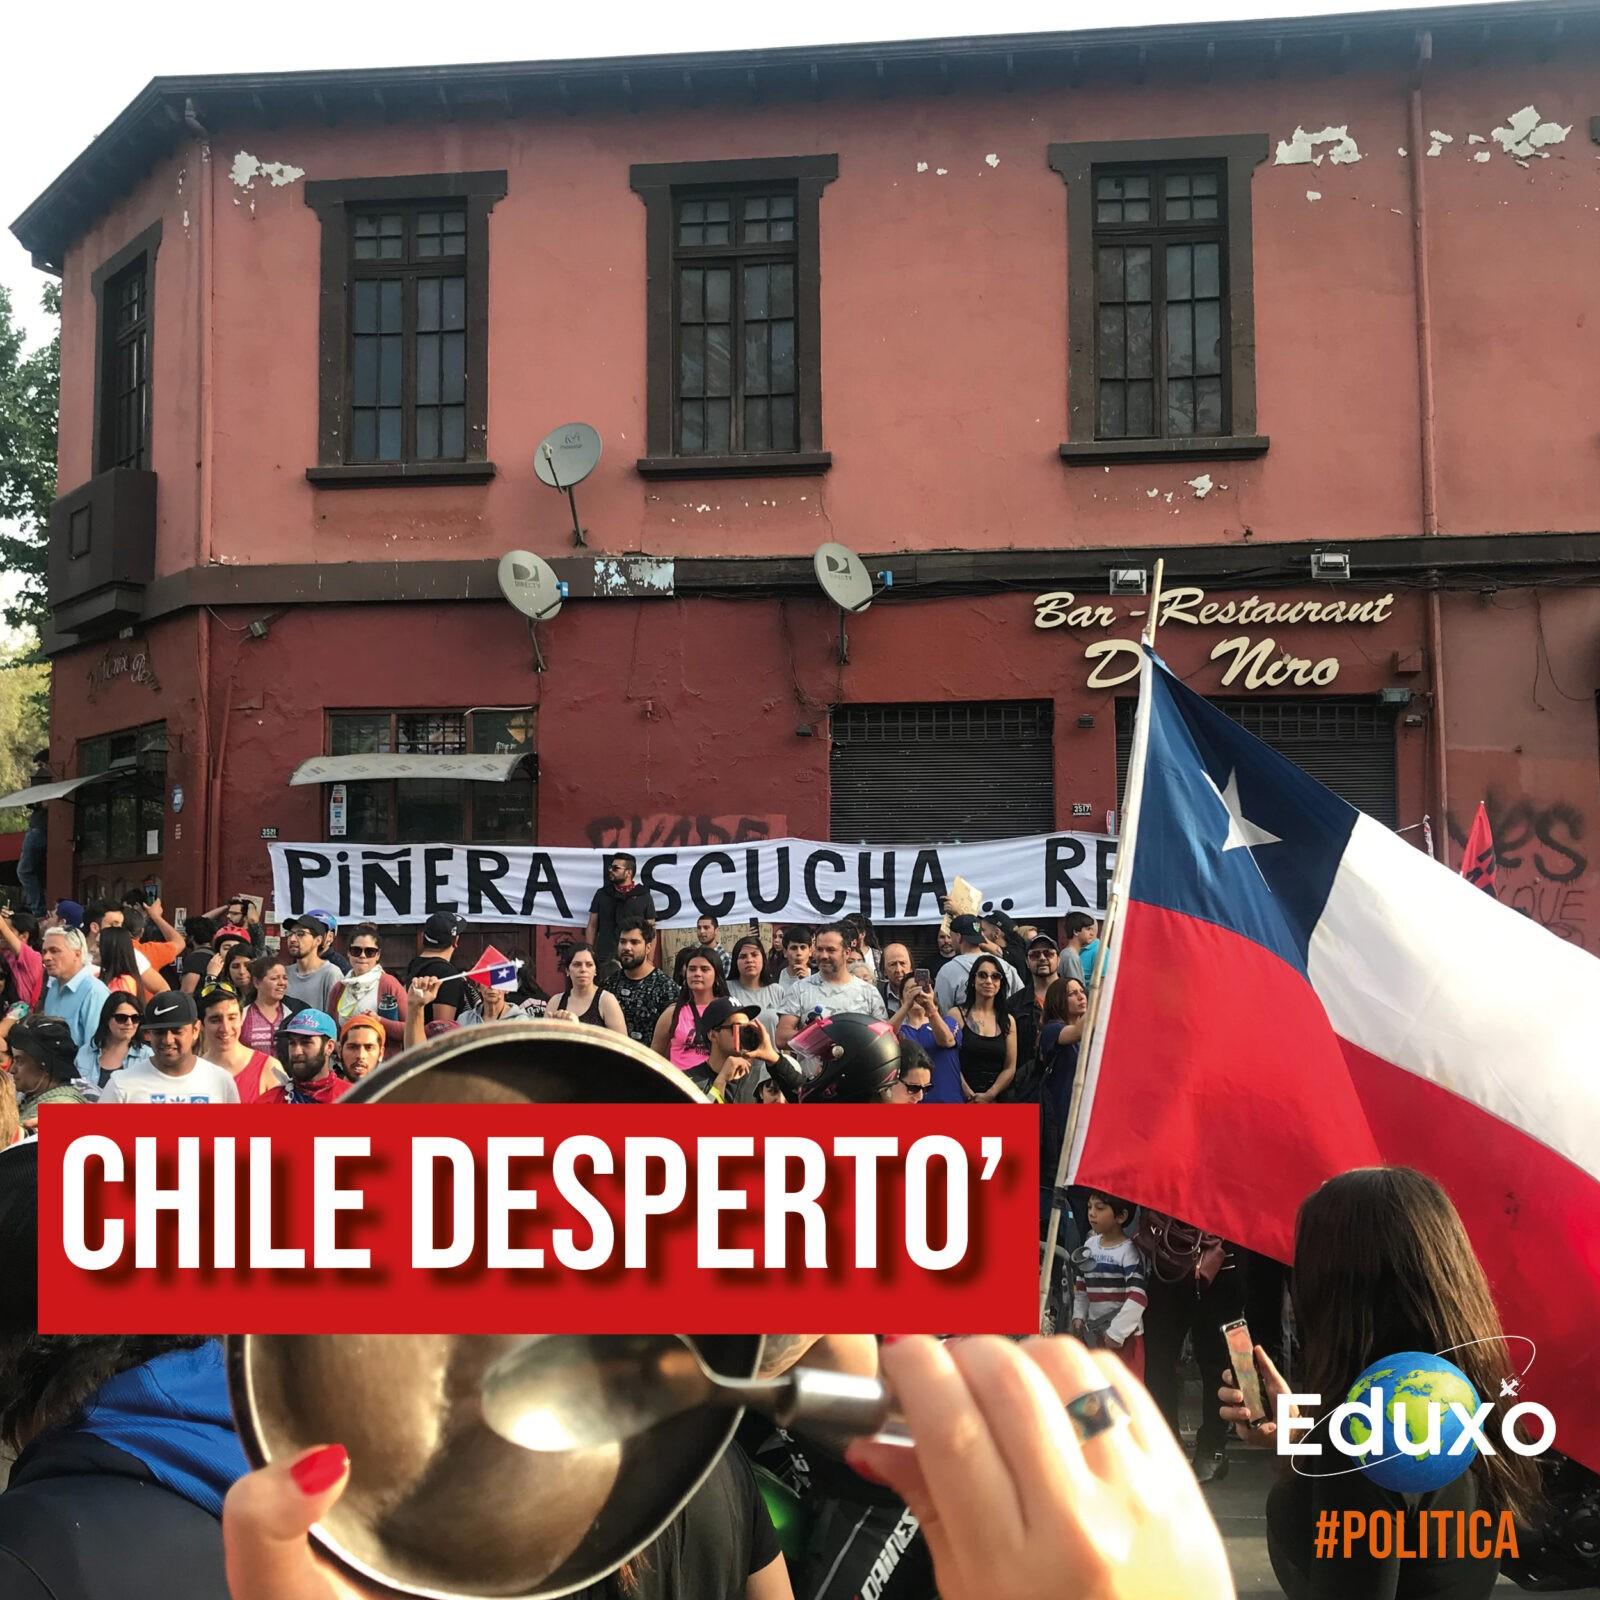 Chile Despertò